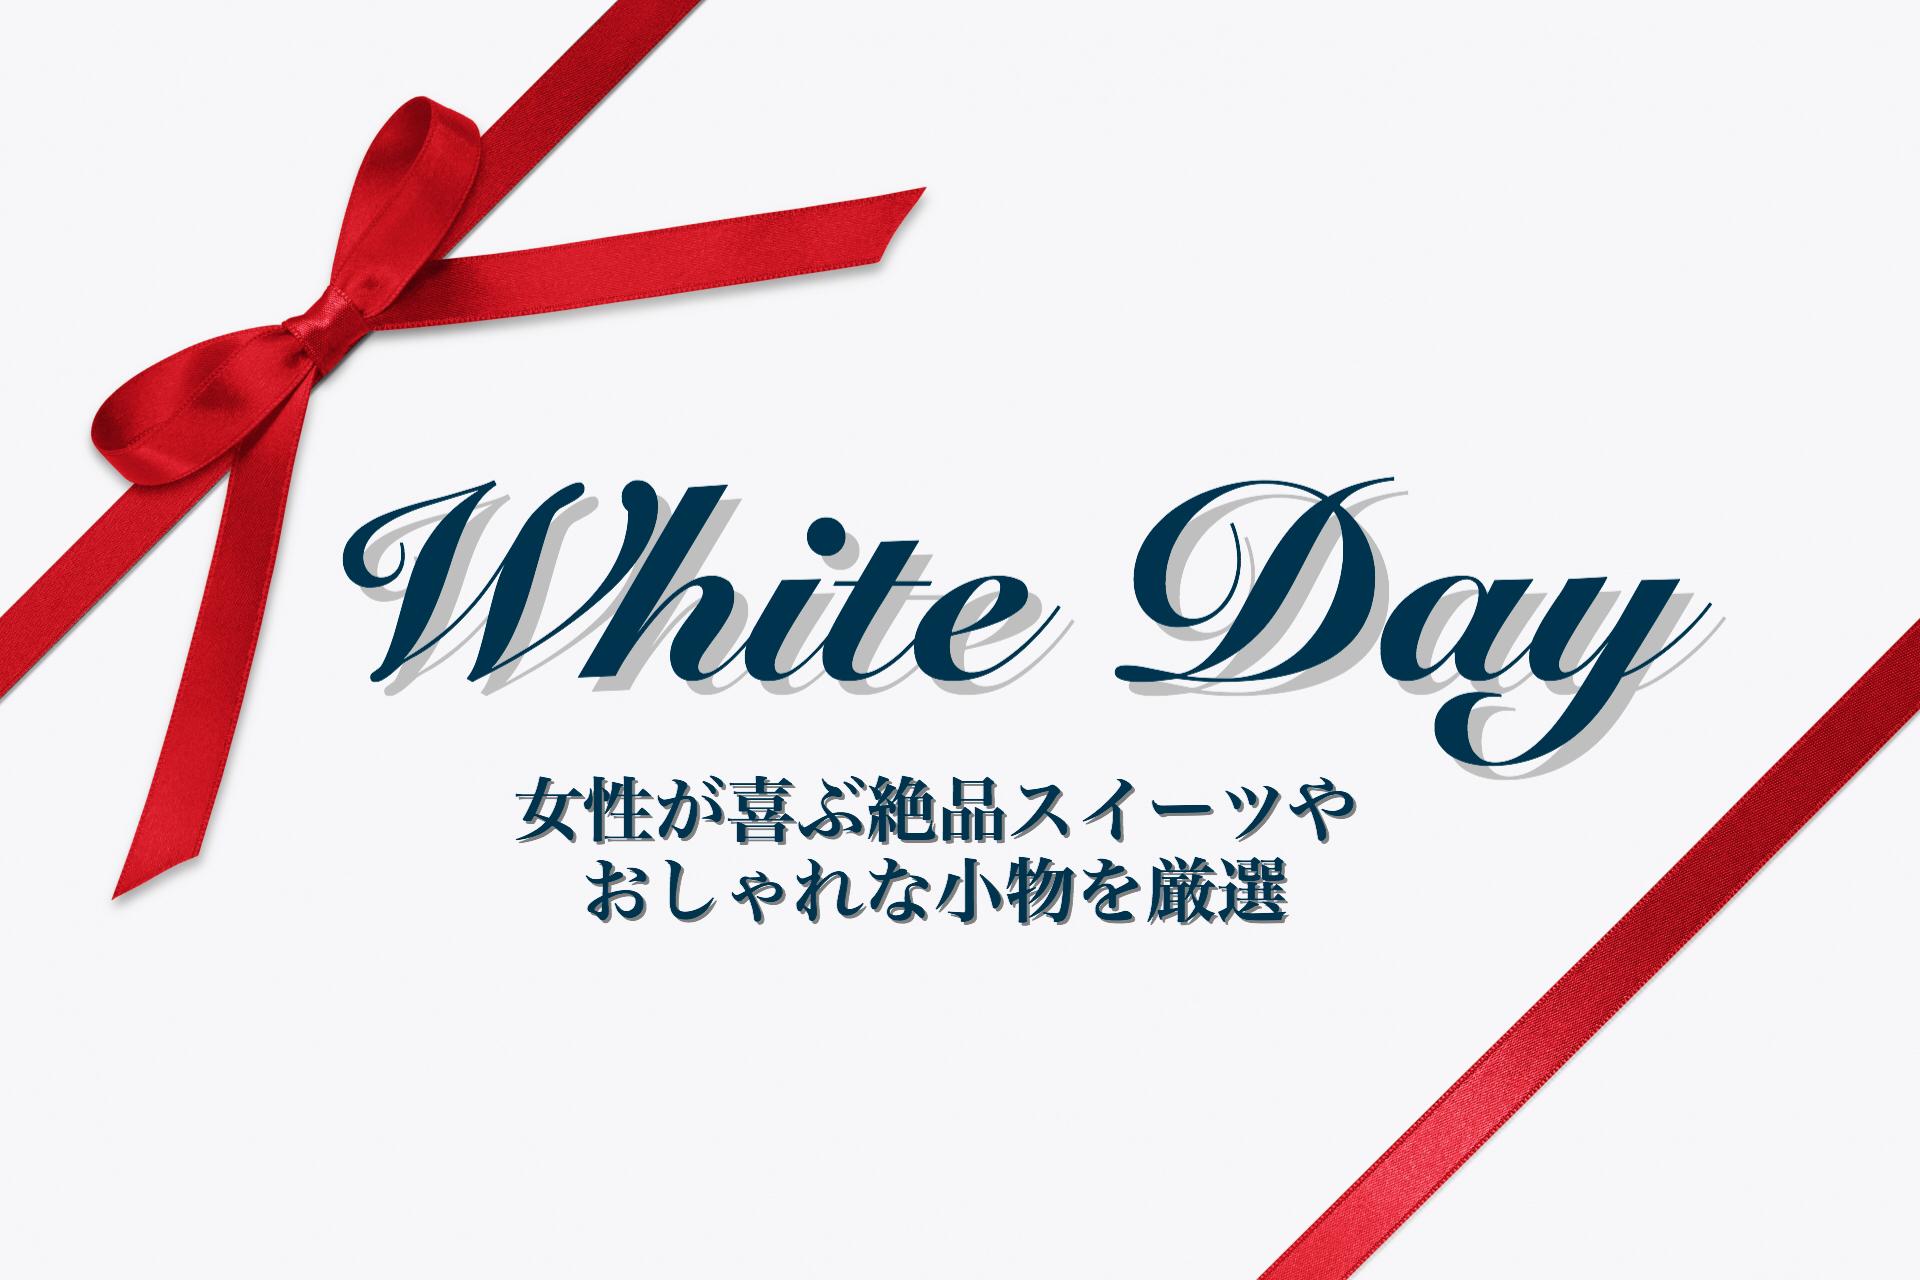 White Day 2019